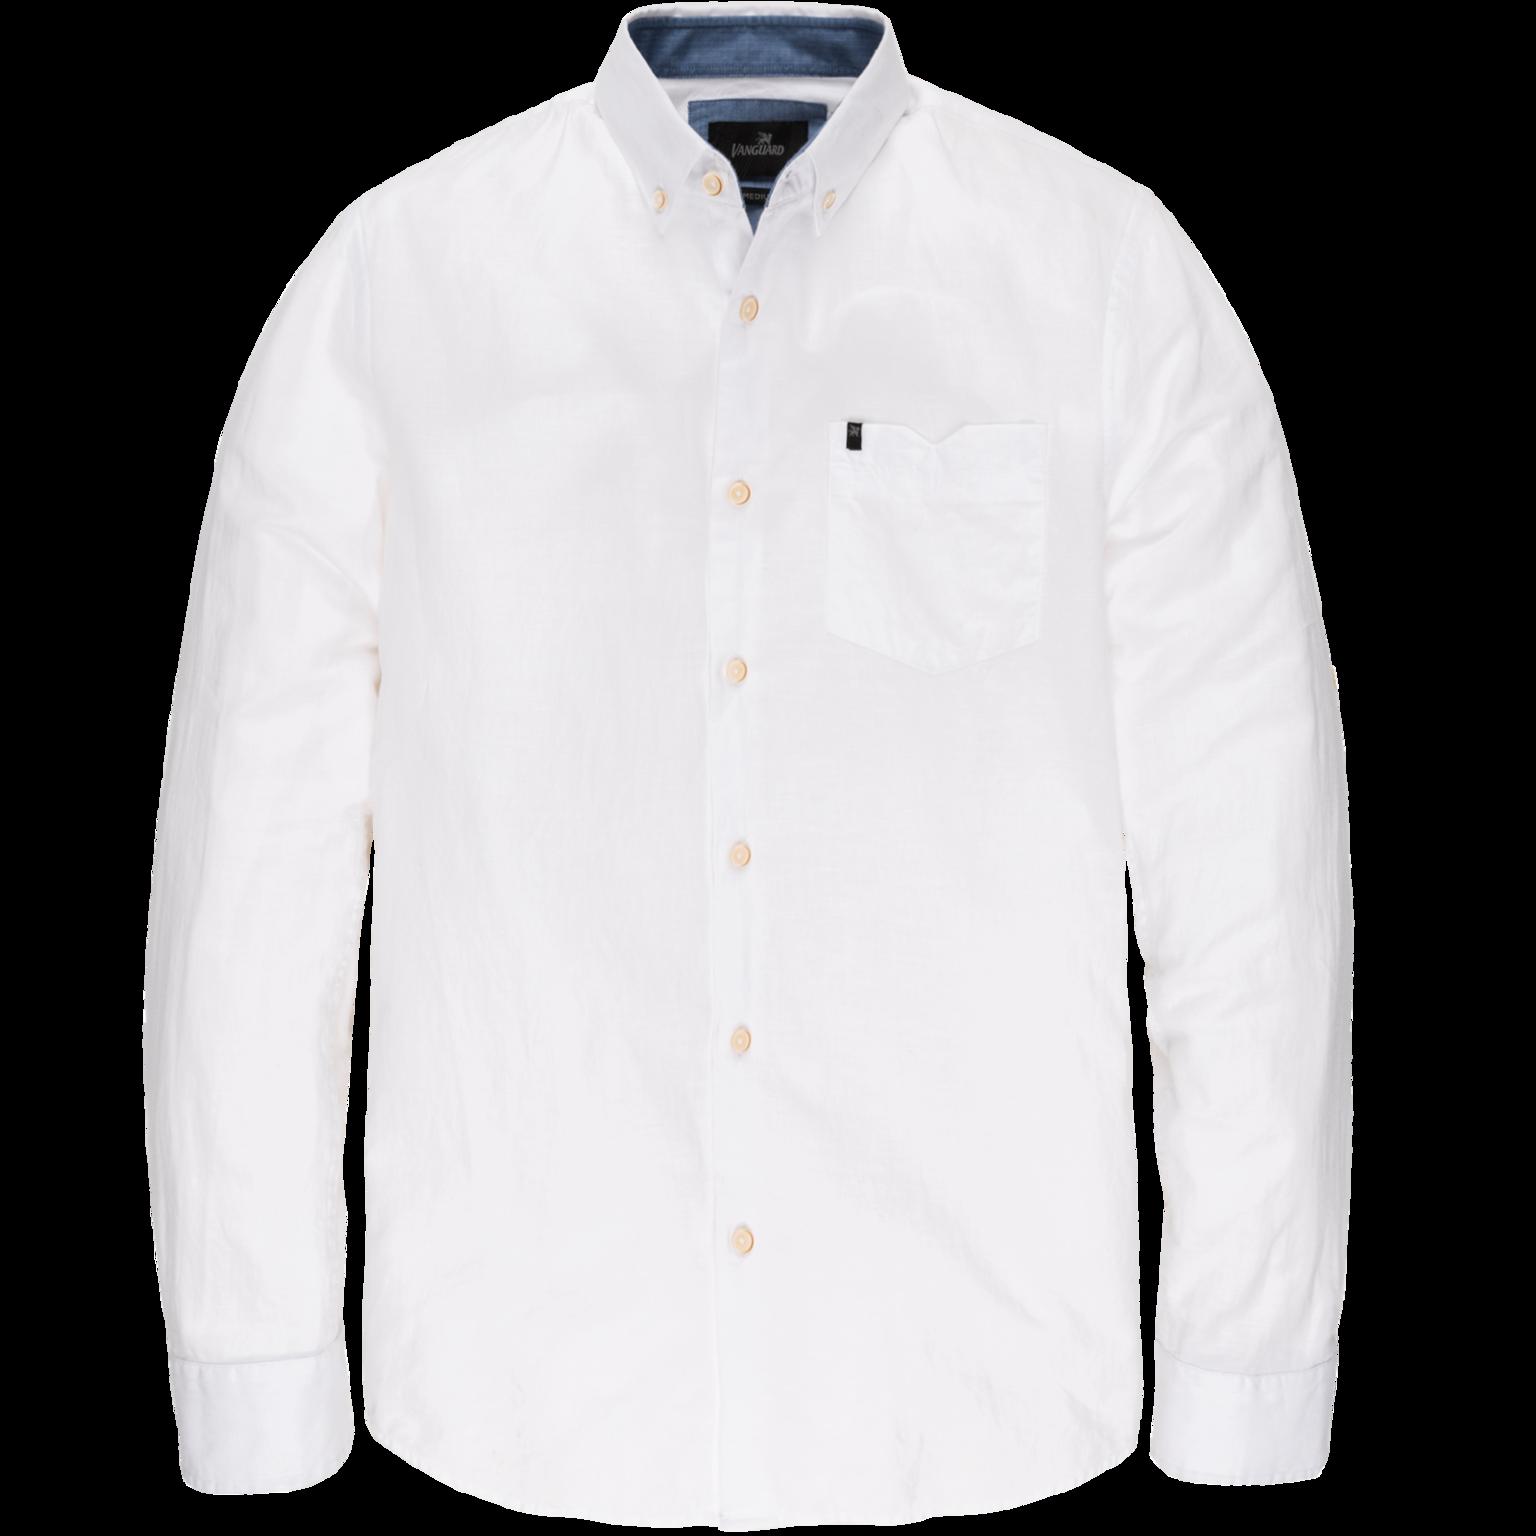 Wit linnen heren overhemd Vanguard - VSI203252 7003